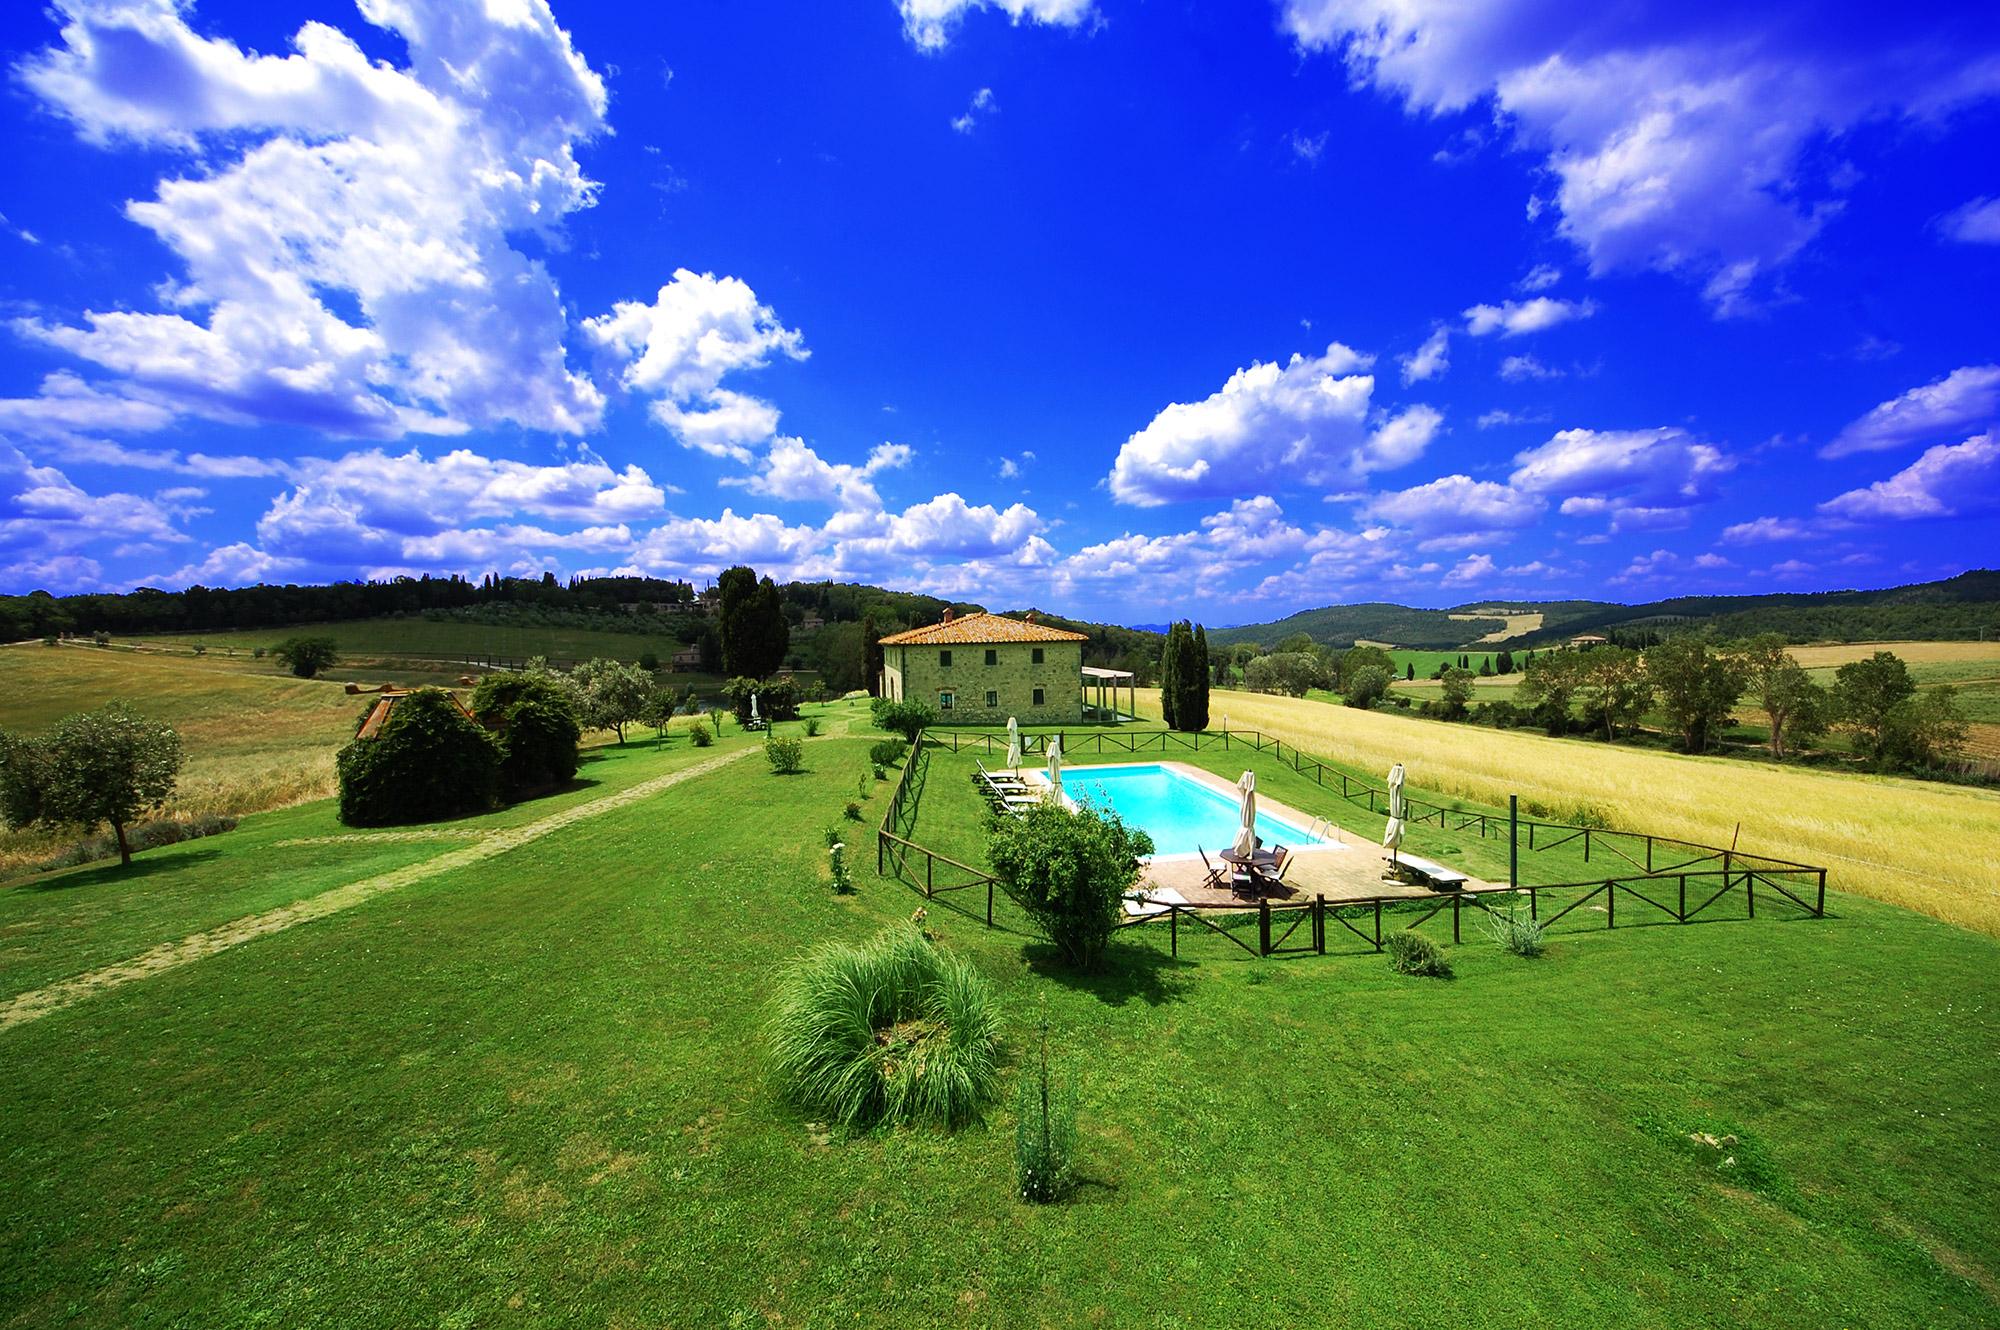 affitto villa toscana con piscina privata